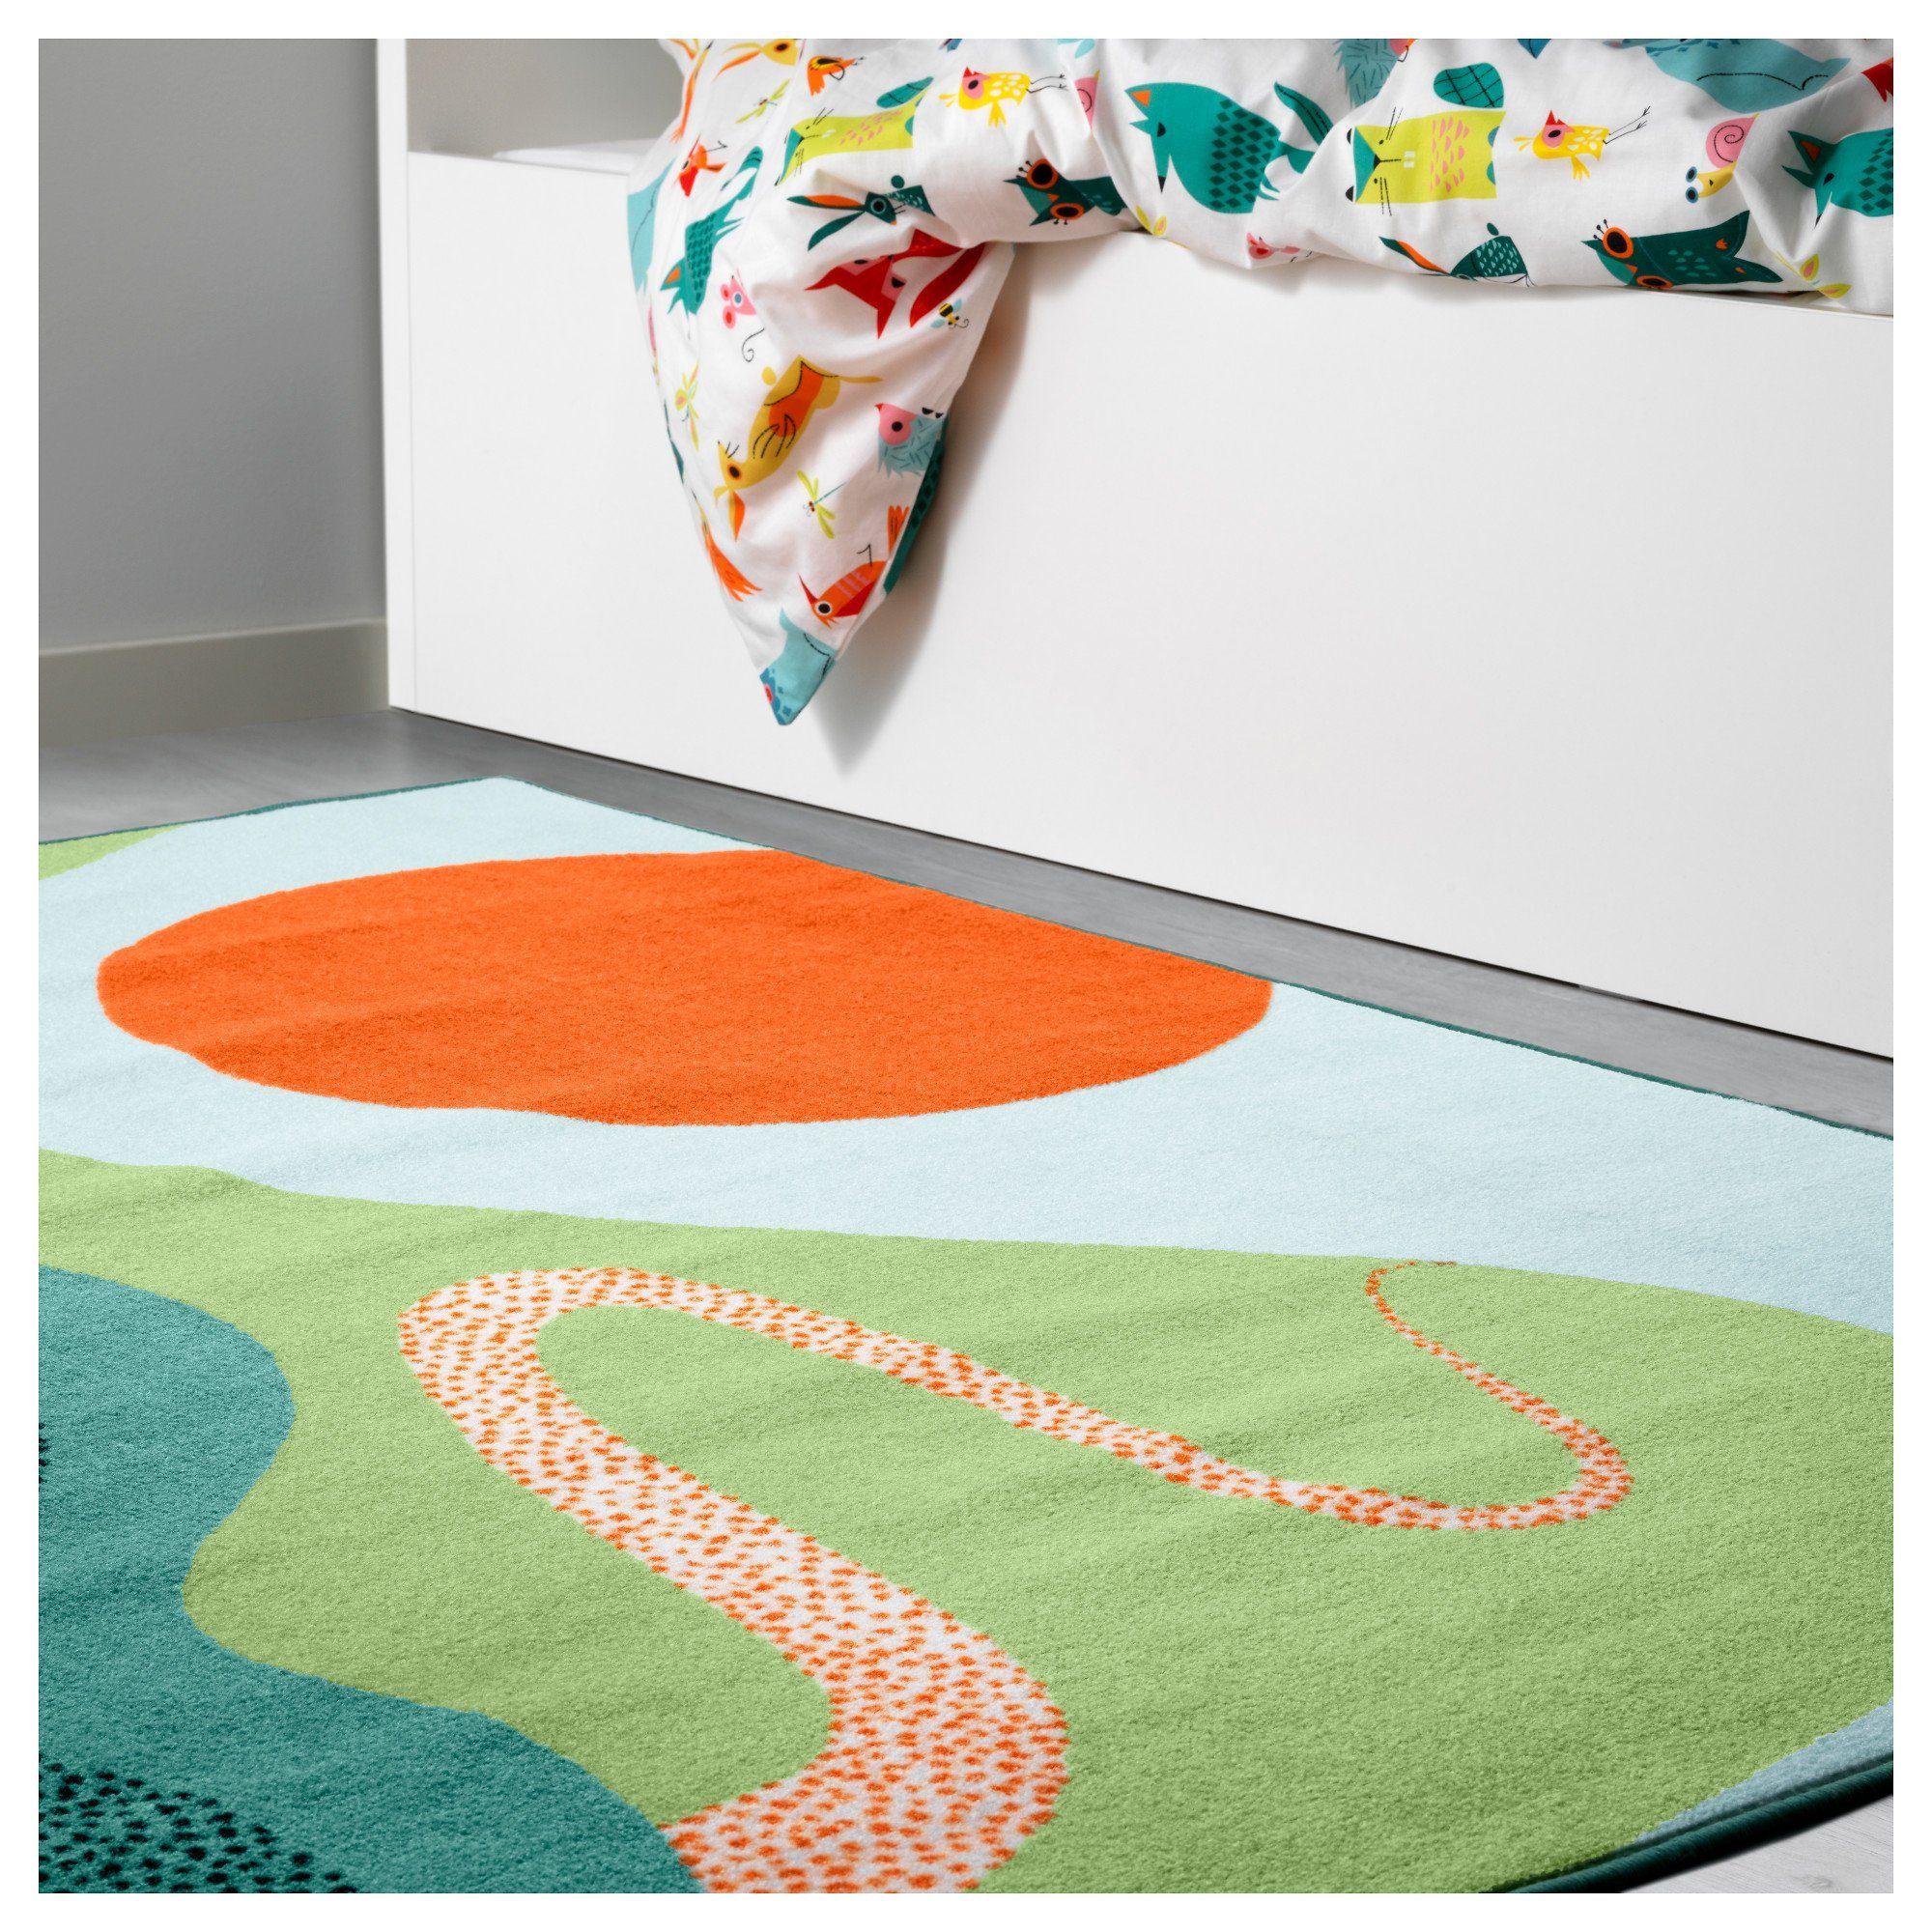 Tapis Anti Bruit Appartement un tapis poétique pour enfant | ikea, tapis, tapis multicolore